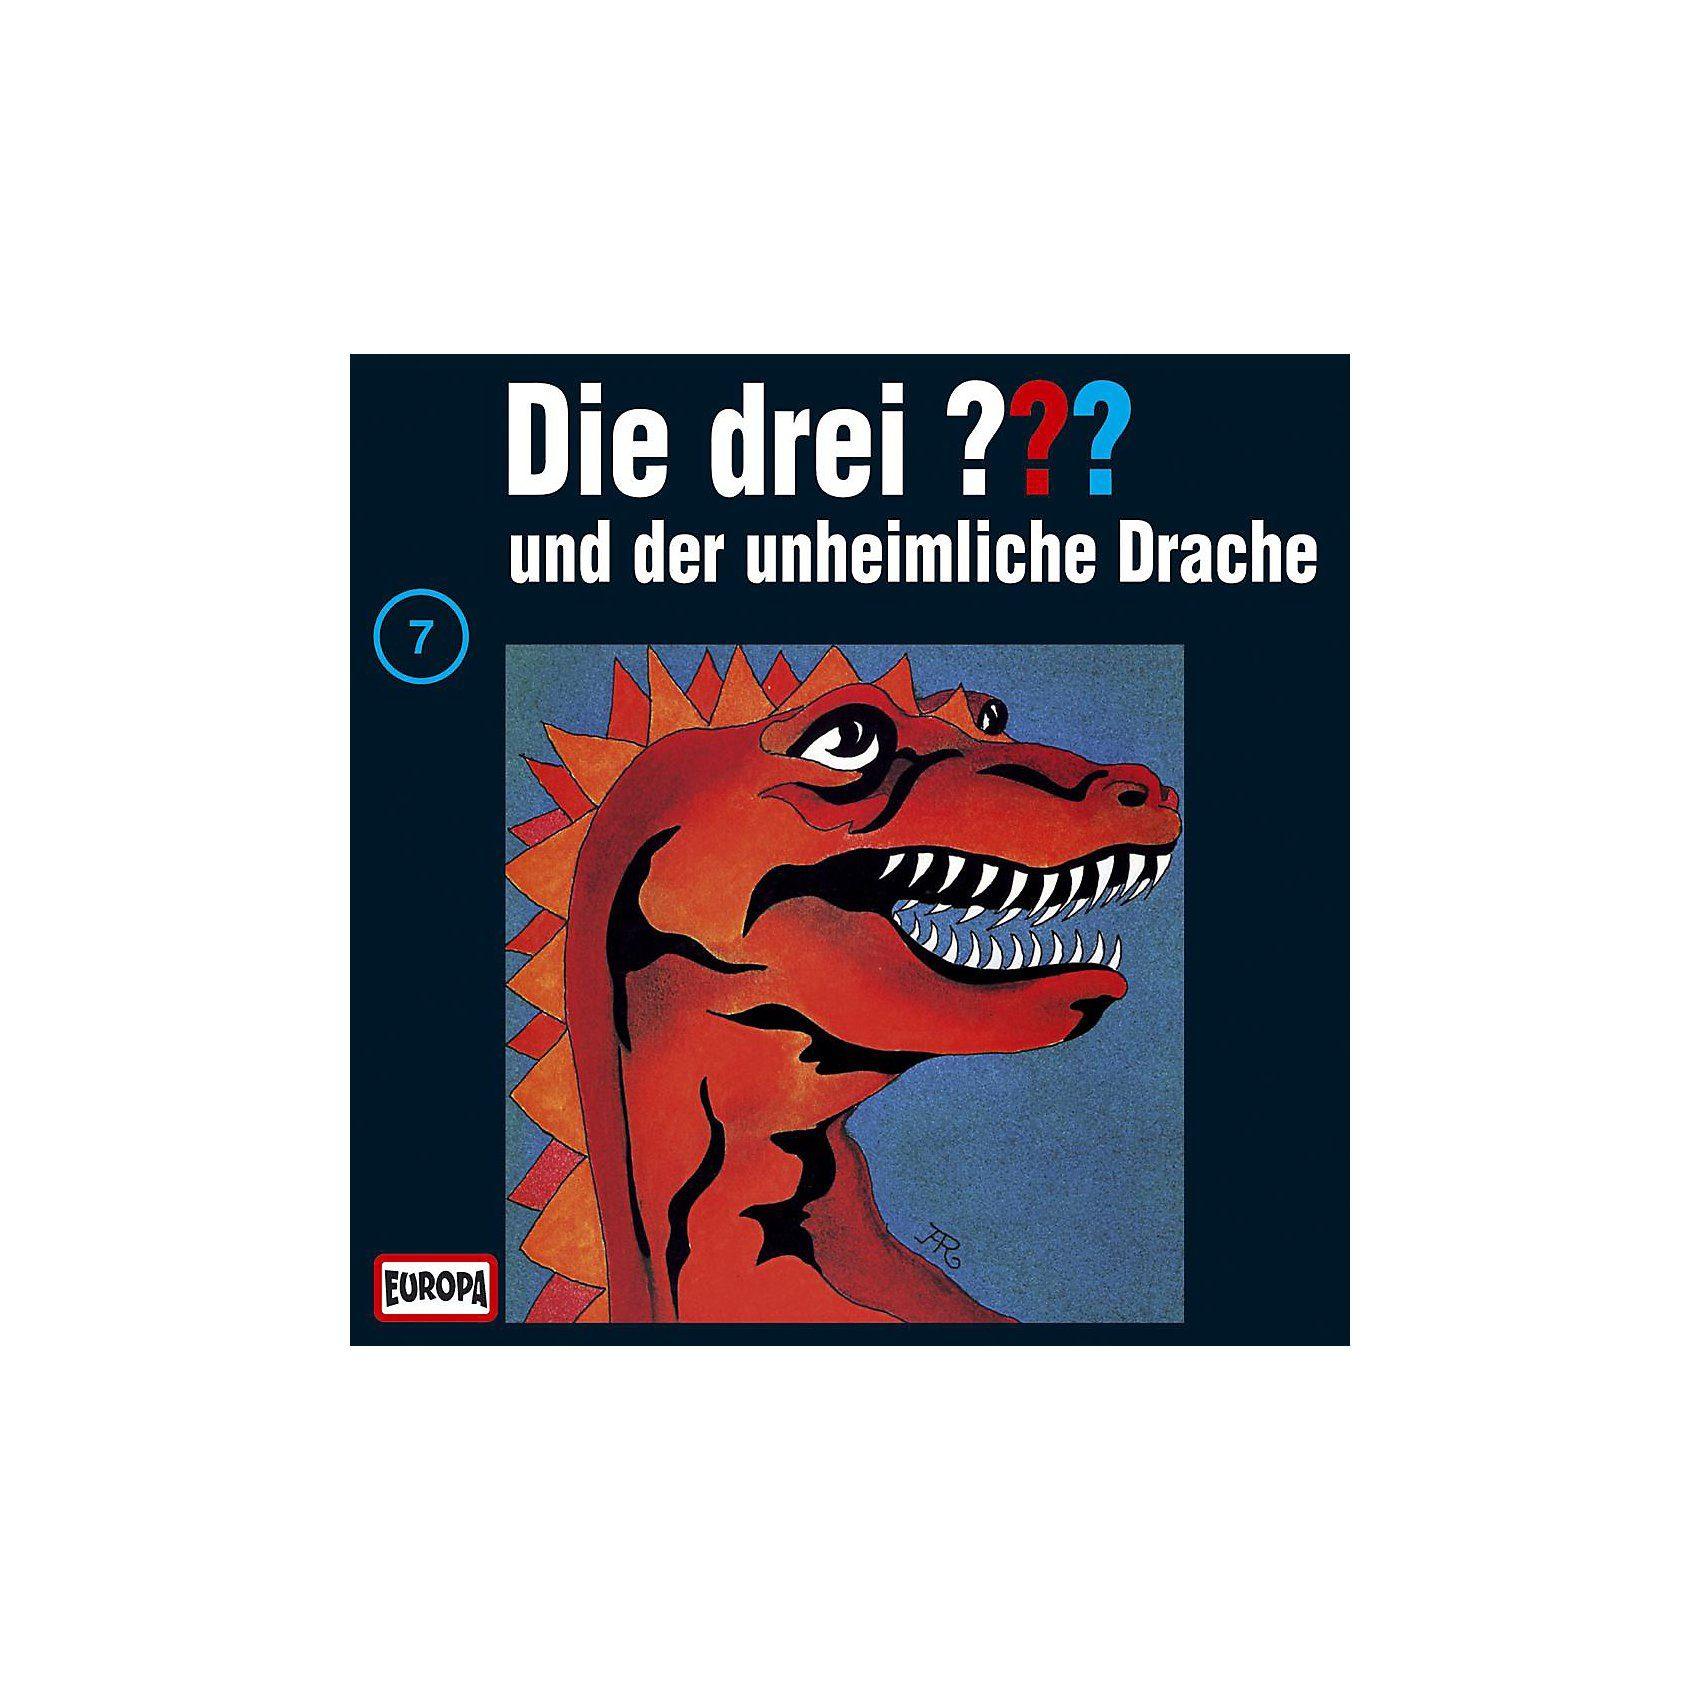 Sony CD Die drei ??? 007 (der unheinliche Drache)